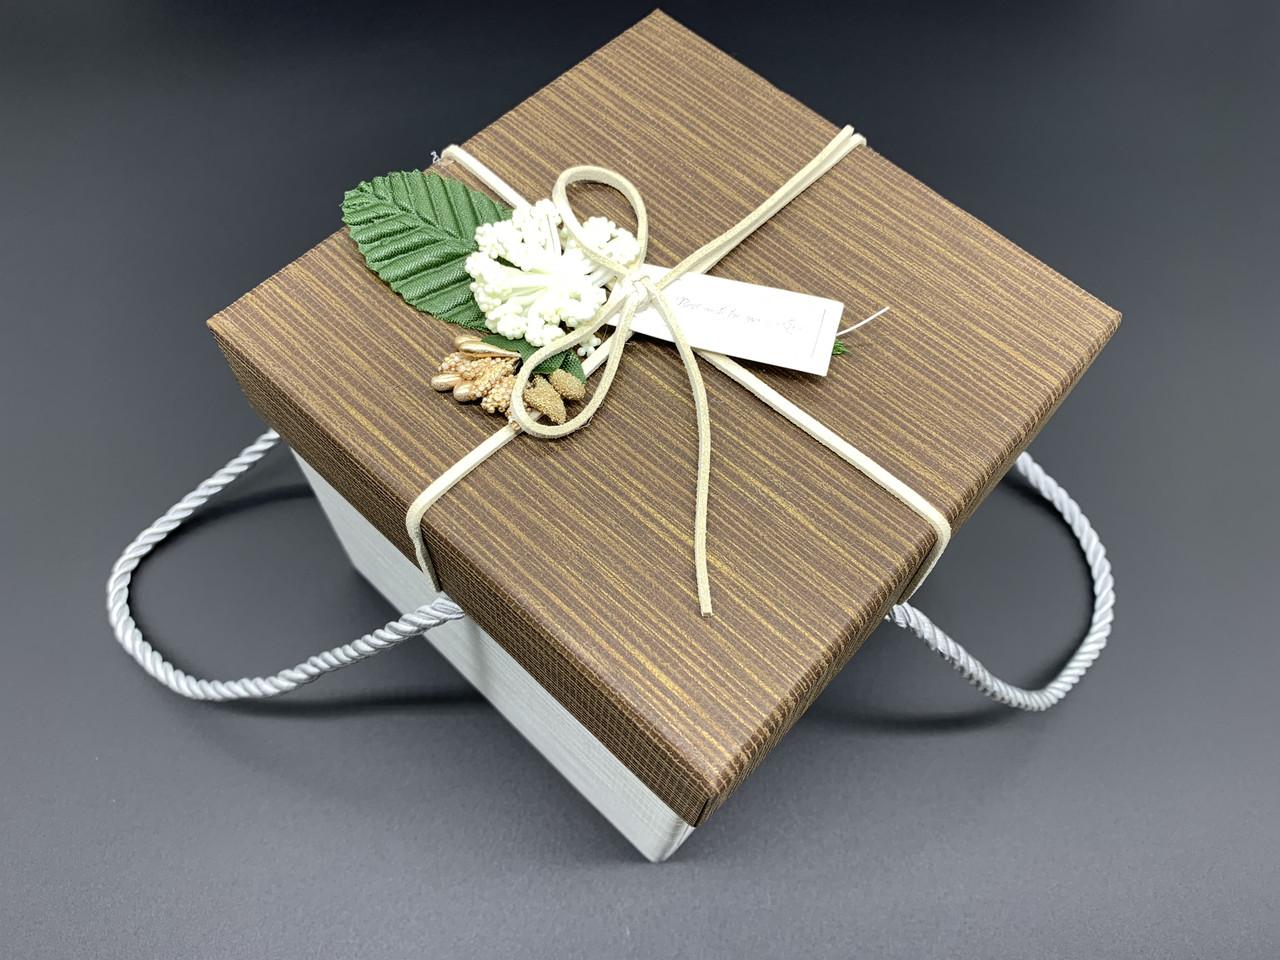 Коробка подарункова з квіточкою і ручками. Колір коричневий. 13х13х13см.